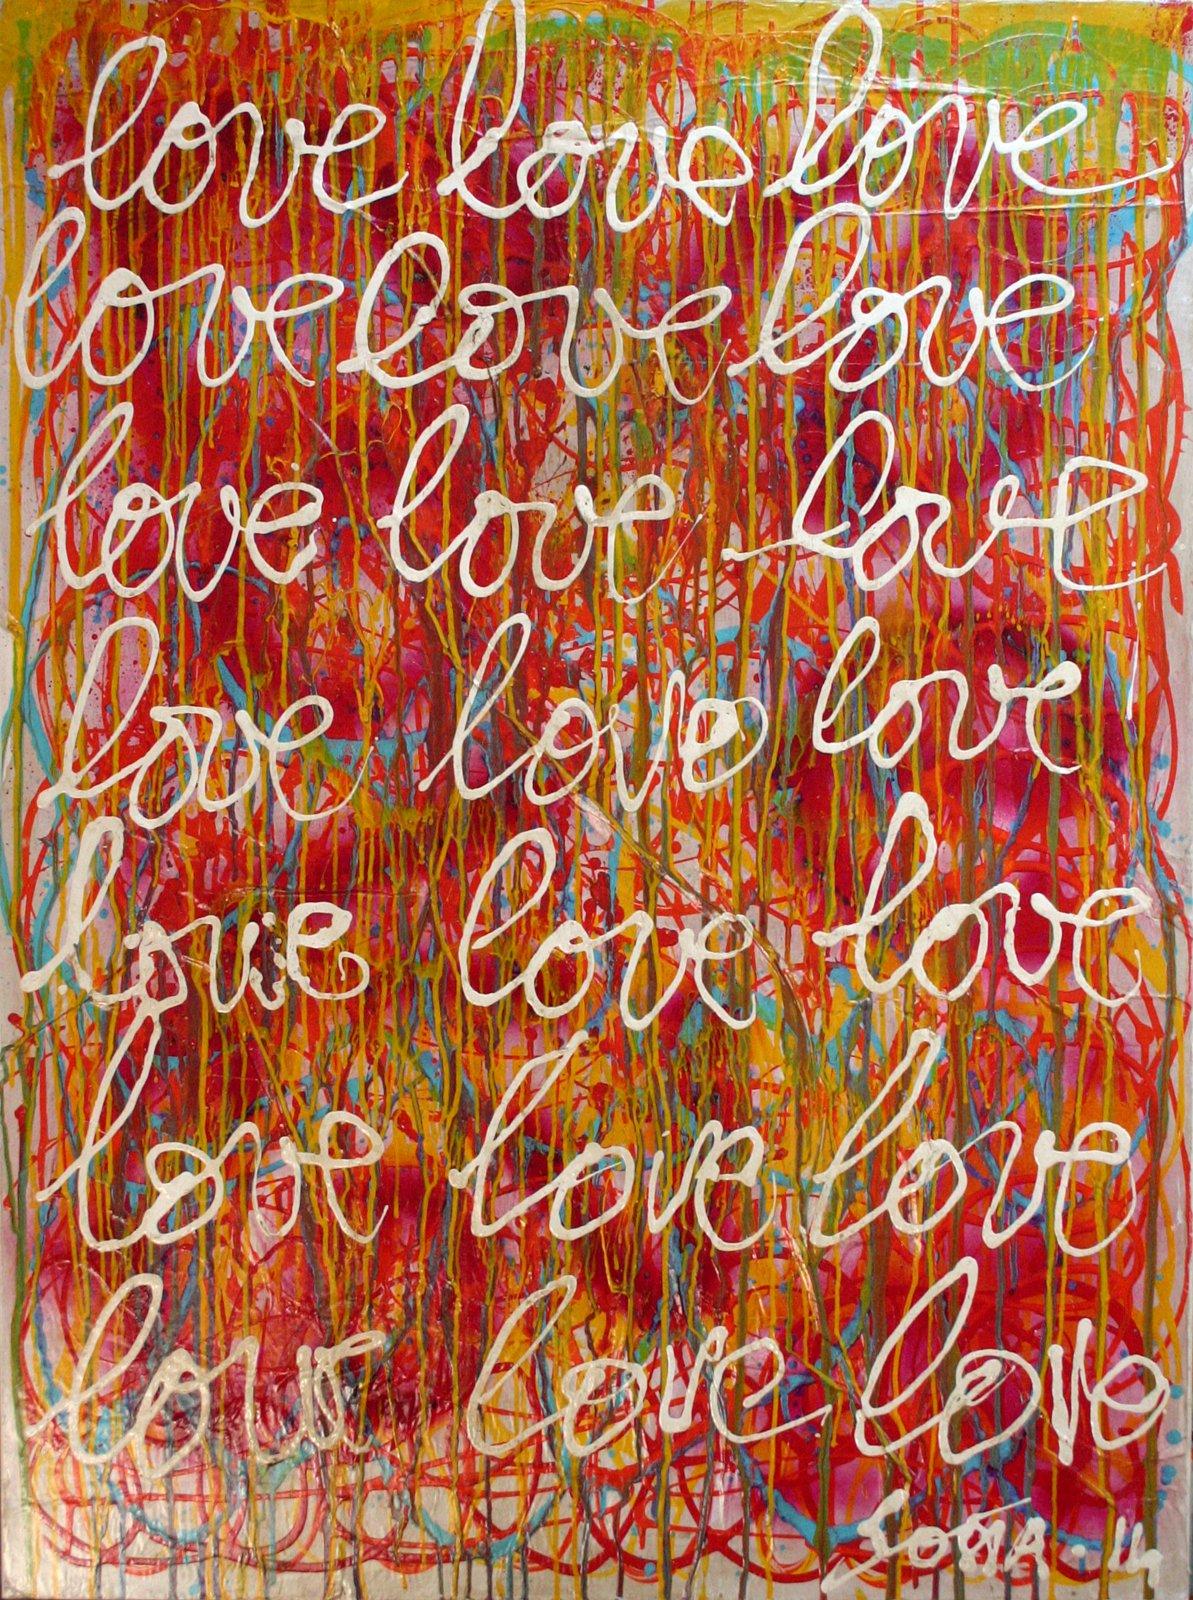 multicolore, écriture, graphique Tableau Contemporain, Love, Love. Sophie Costa, artiste peintre.